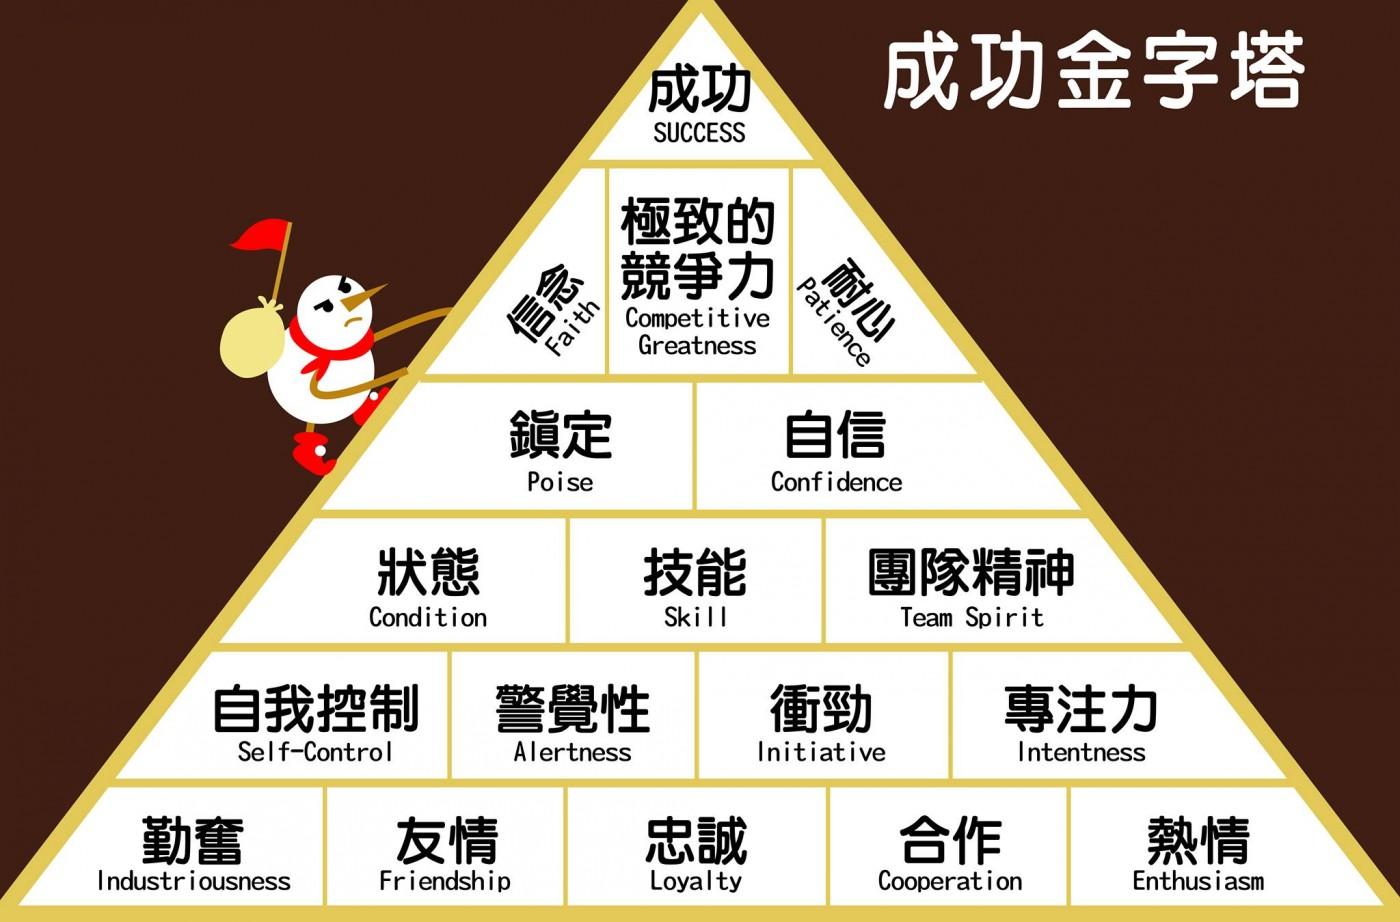 向籃球教練學領導:堅守「成功金字塔」15項特質,成功自然屬於你! | 經理人